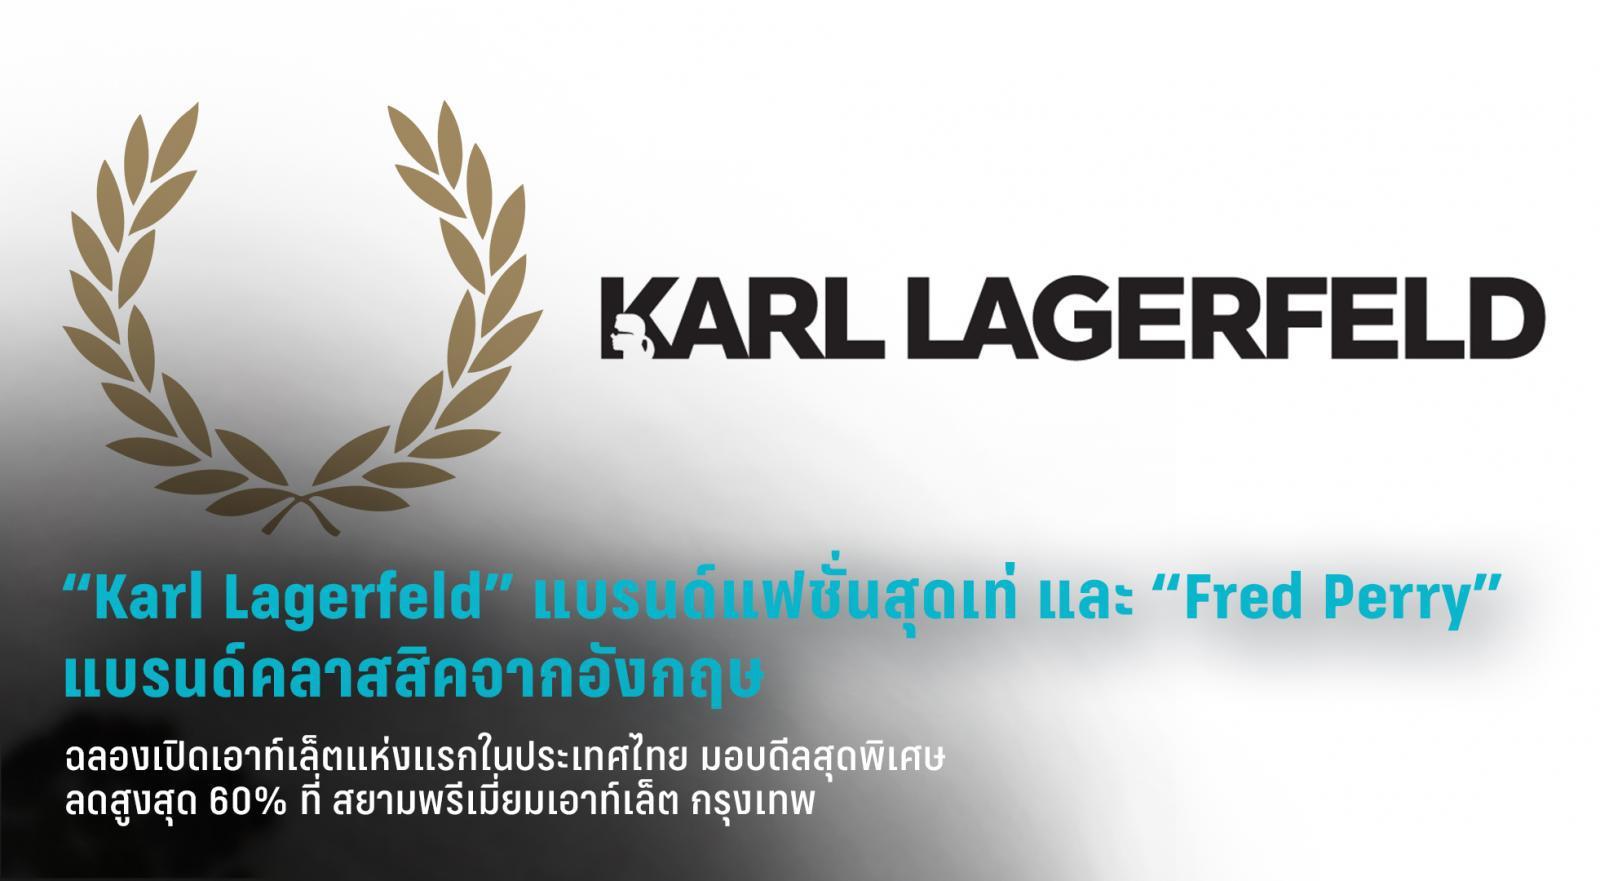 Karl Lagerfeld แบรนด์แฟชั่นสุดเท่ และ Fred Perry แบรนด์คลาสสิคจากอังกฤษ ฉลองเปิดเอาท์เล็ตแห่งแรกในประเทศไทย มอบดีลสุดพิเศษ ลดสูงสุด 60% ที่ สยามพรีเมี่ยมเอาท์เล็ต กรุงเทพ